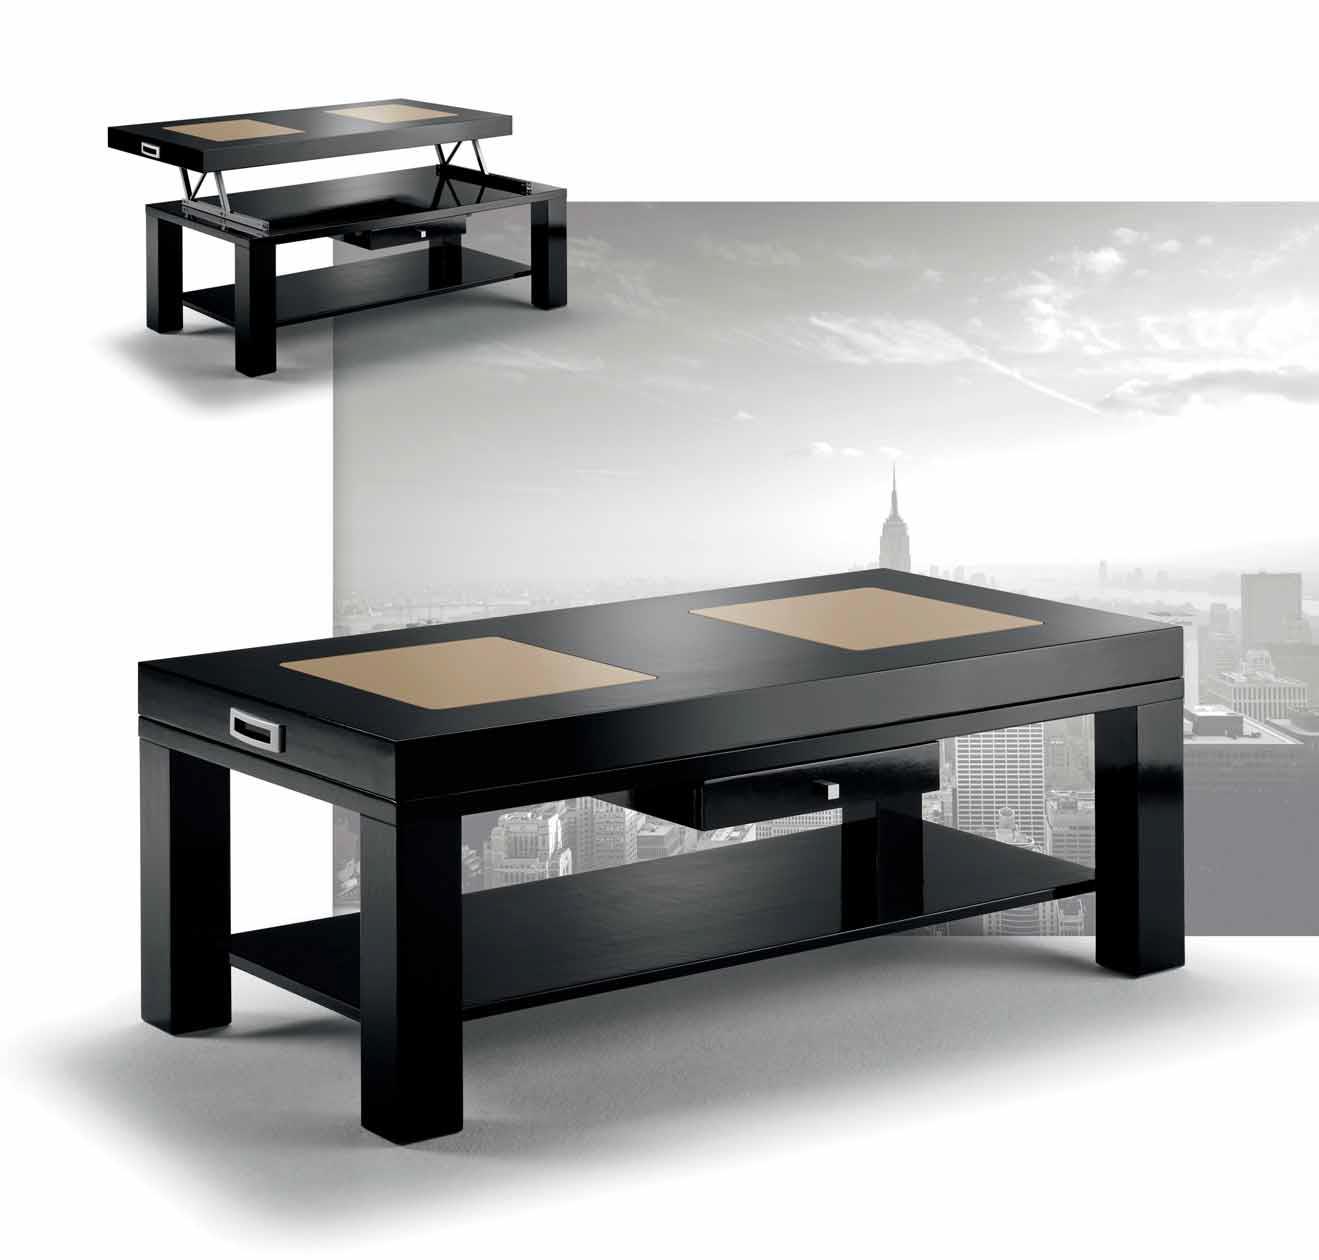 Mesa centro moderna navalmorales muebles d azmuebles d az for Muebles diaz